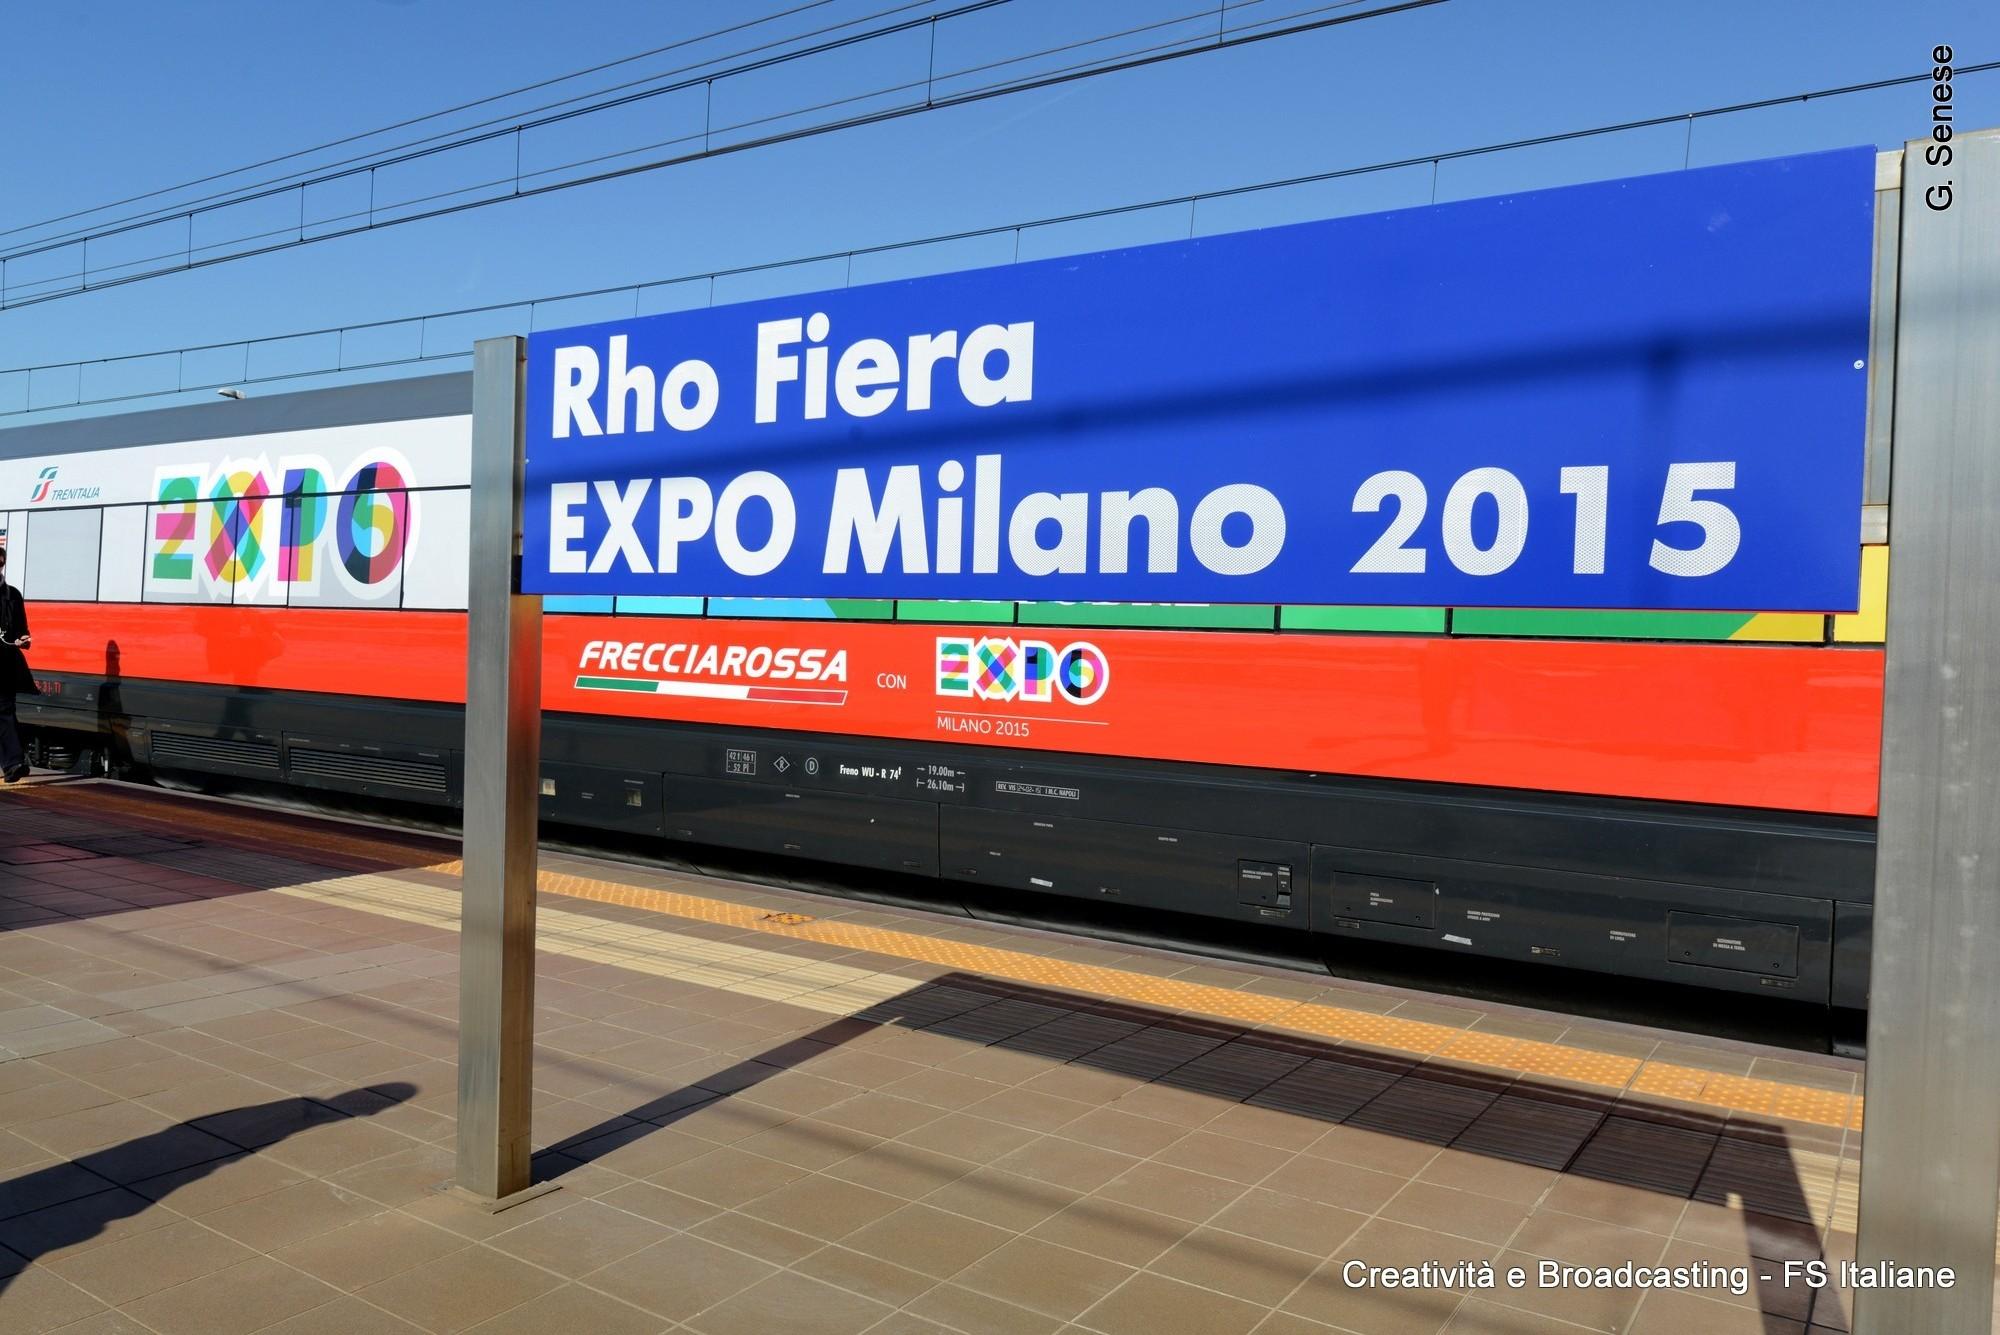 Rfi expo 2015 nella stazione di rho fiera aperta la for Expo fiera milano